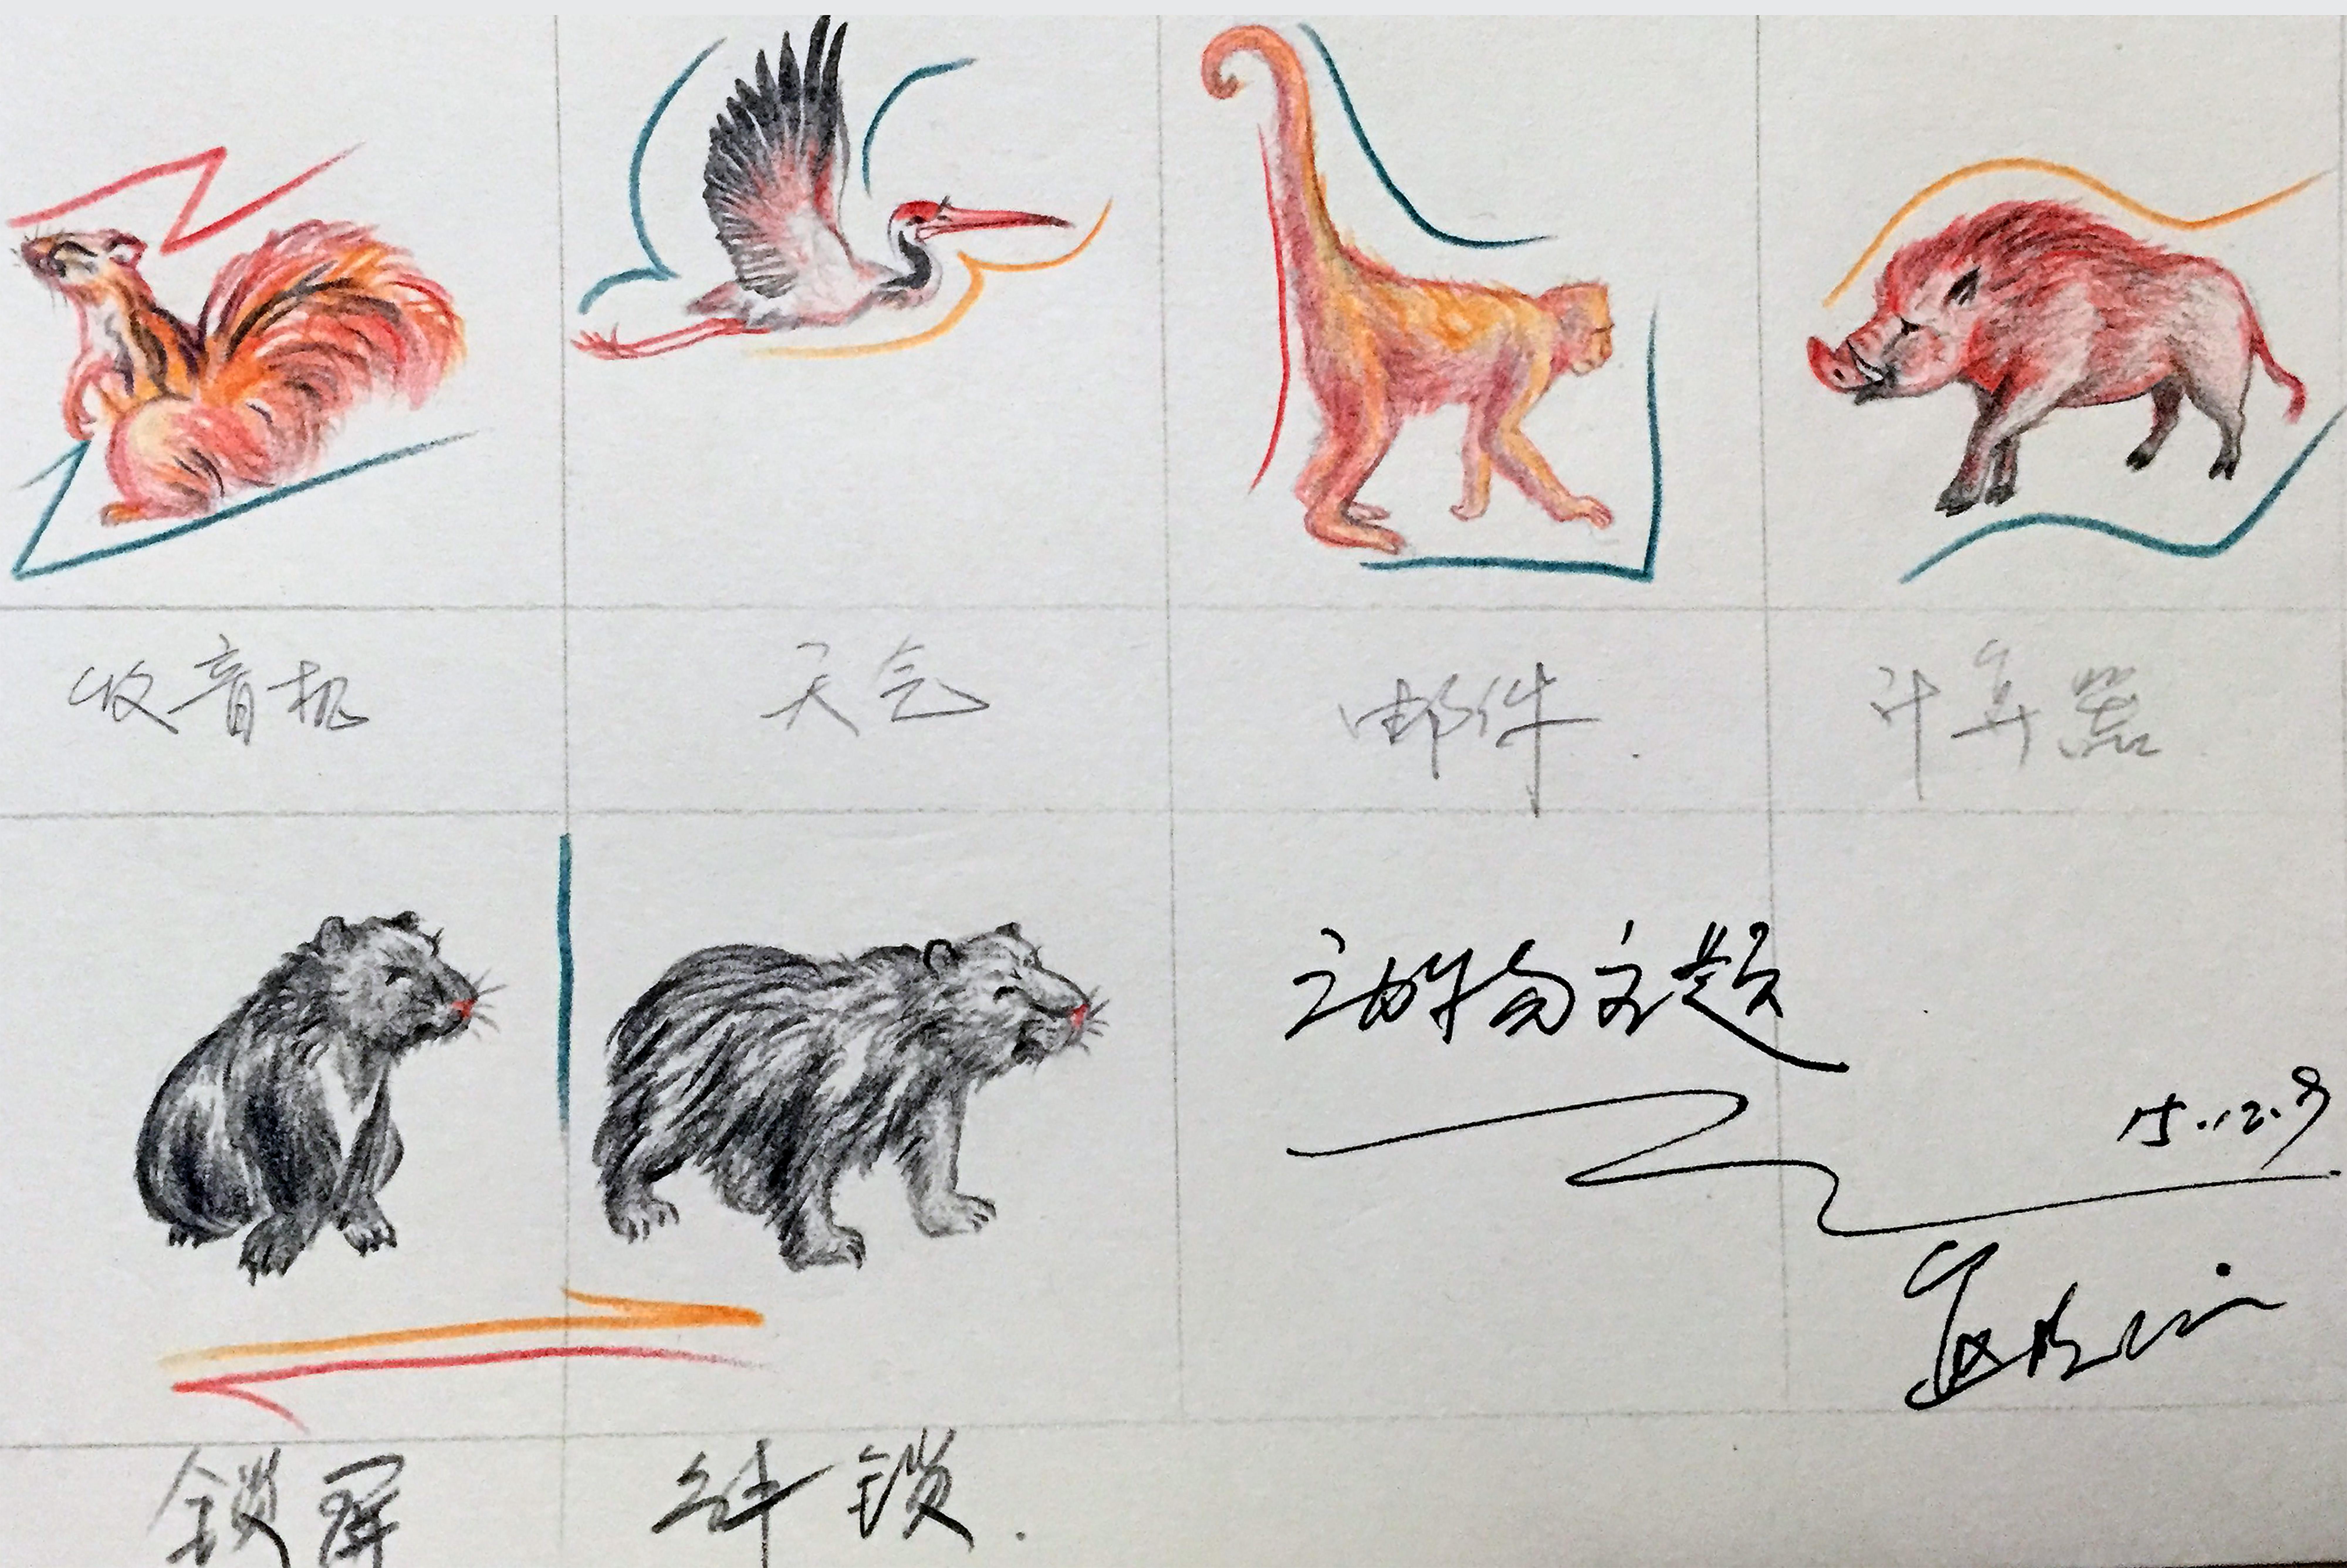 彩铅动物图标试手